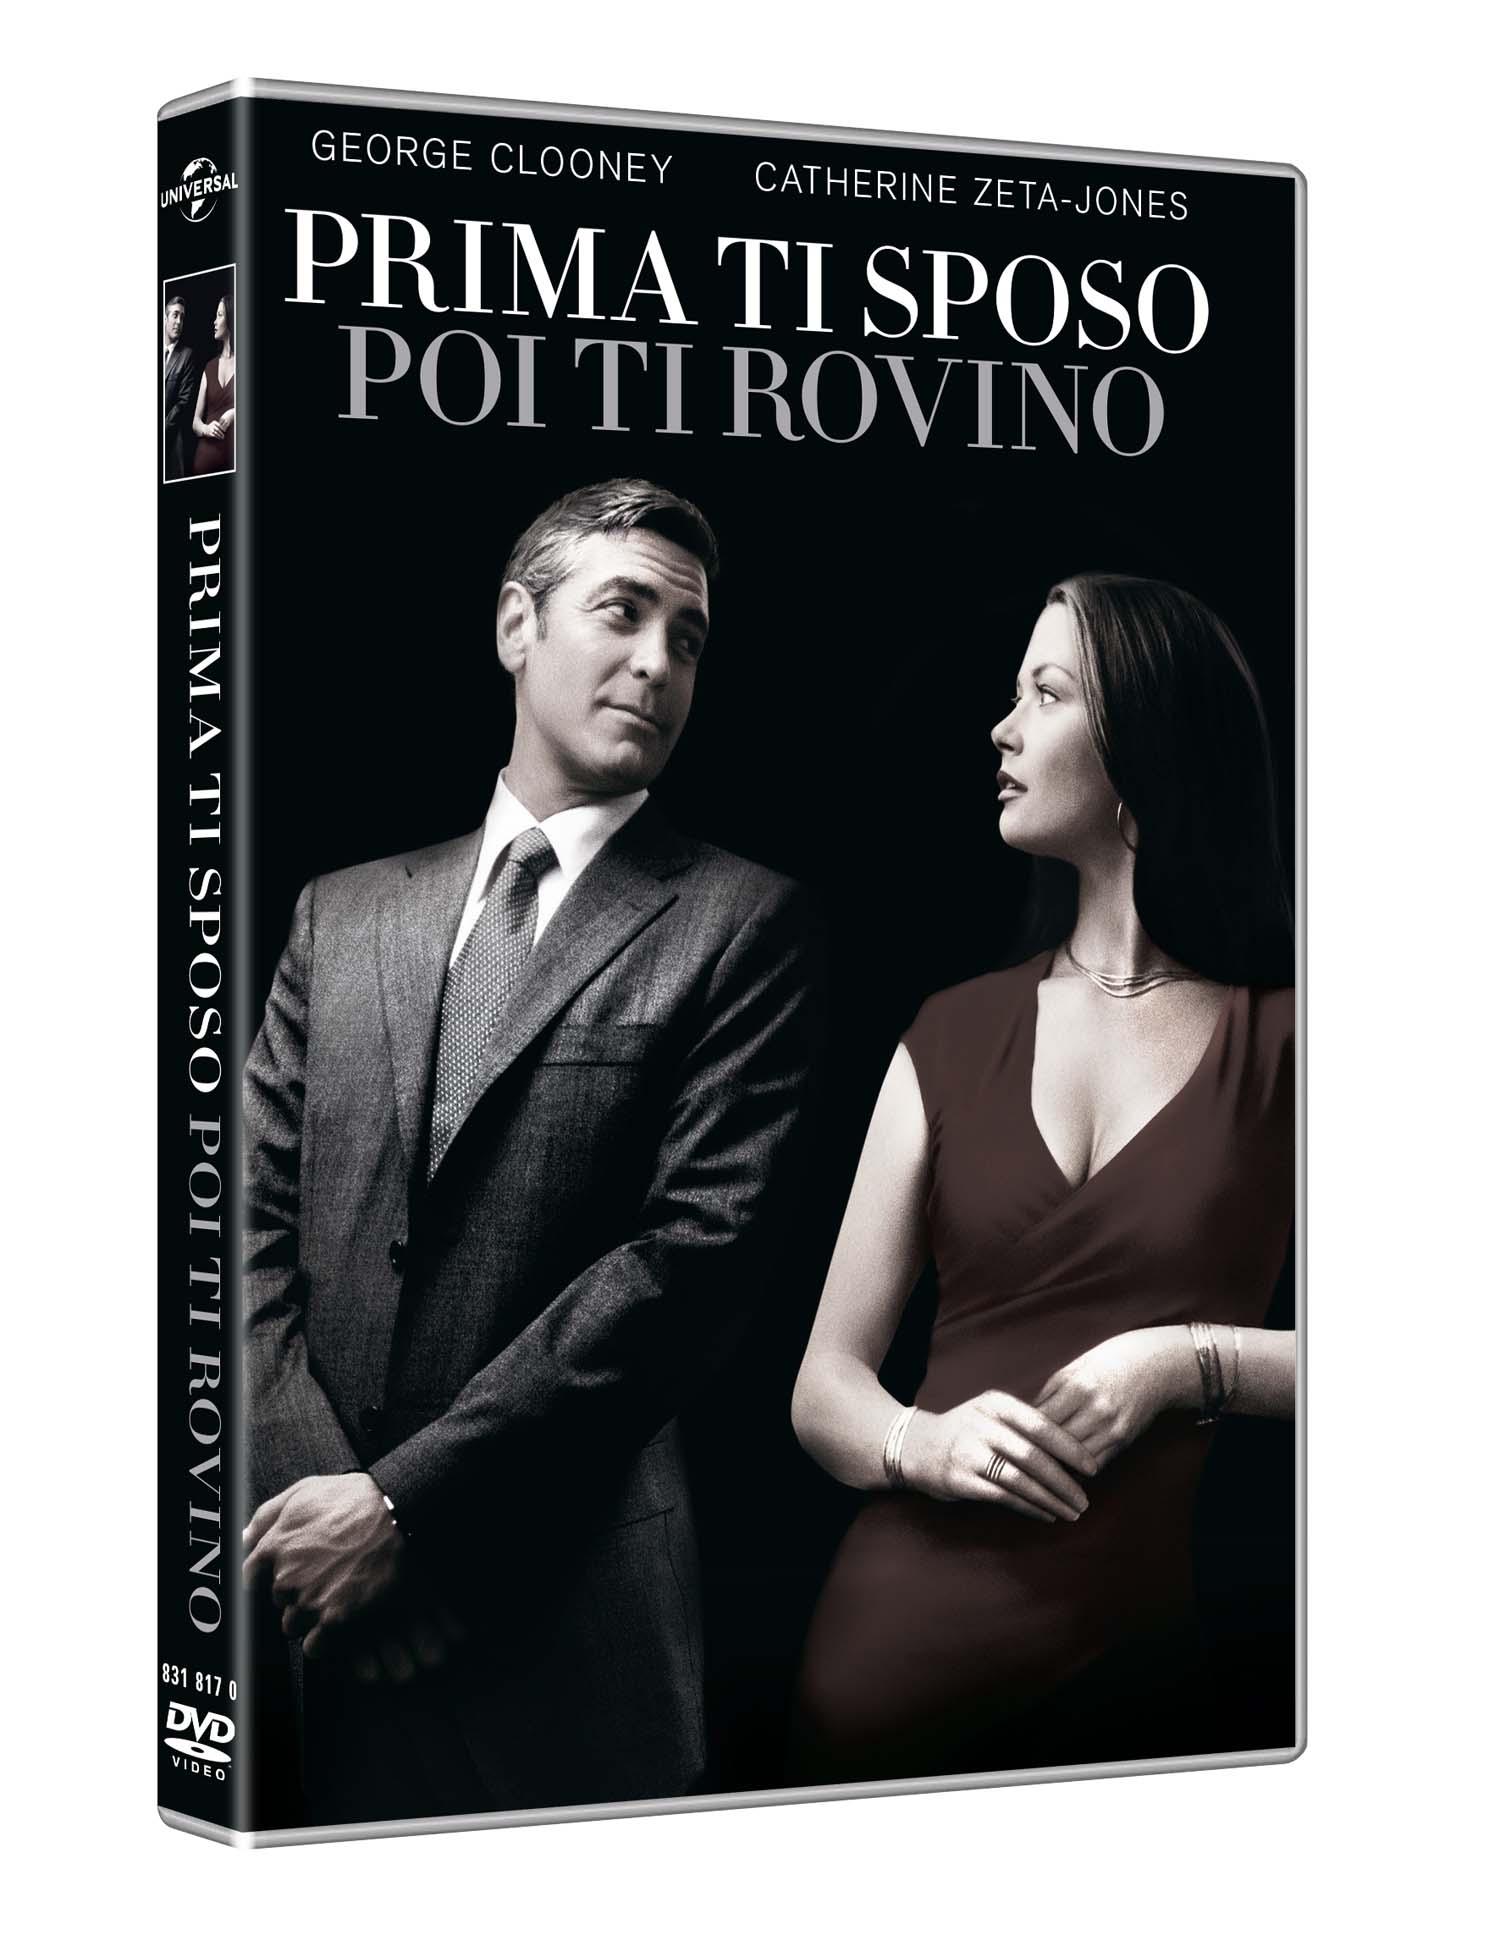 PRIMA TI SPOSO POI TI ROVINO (SAN VALENTINO COLLECTION) (DVD)